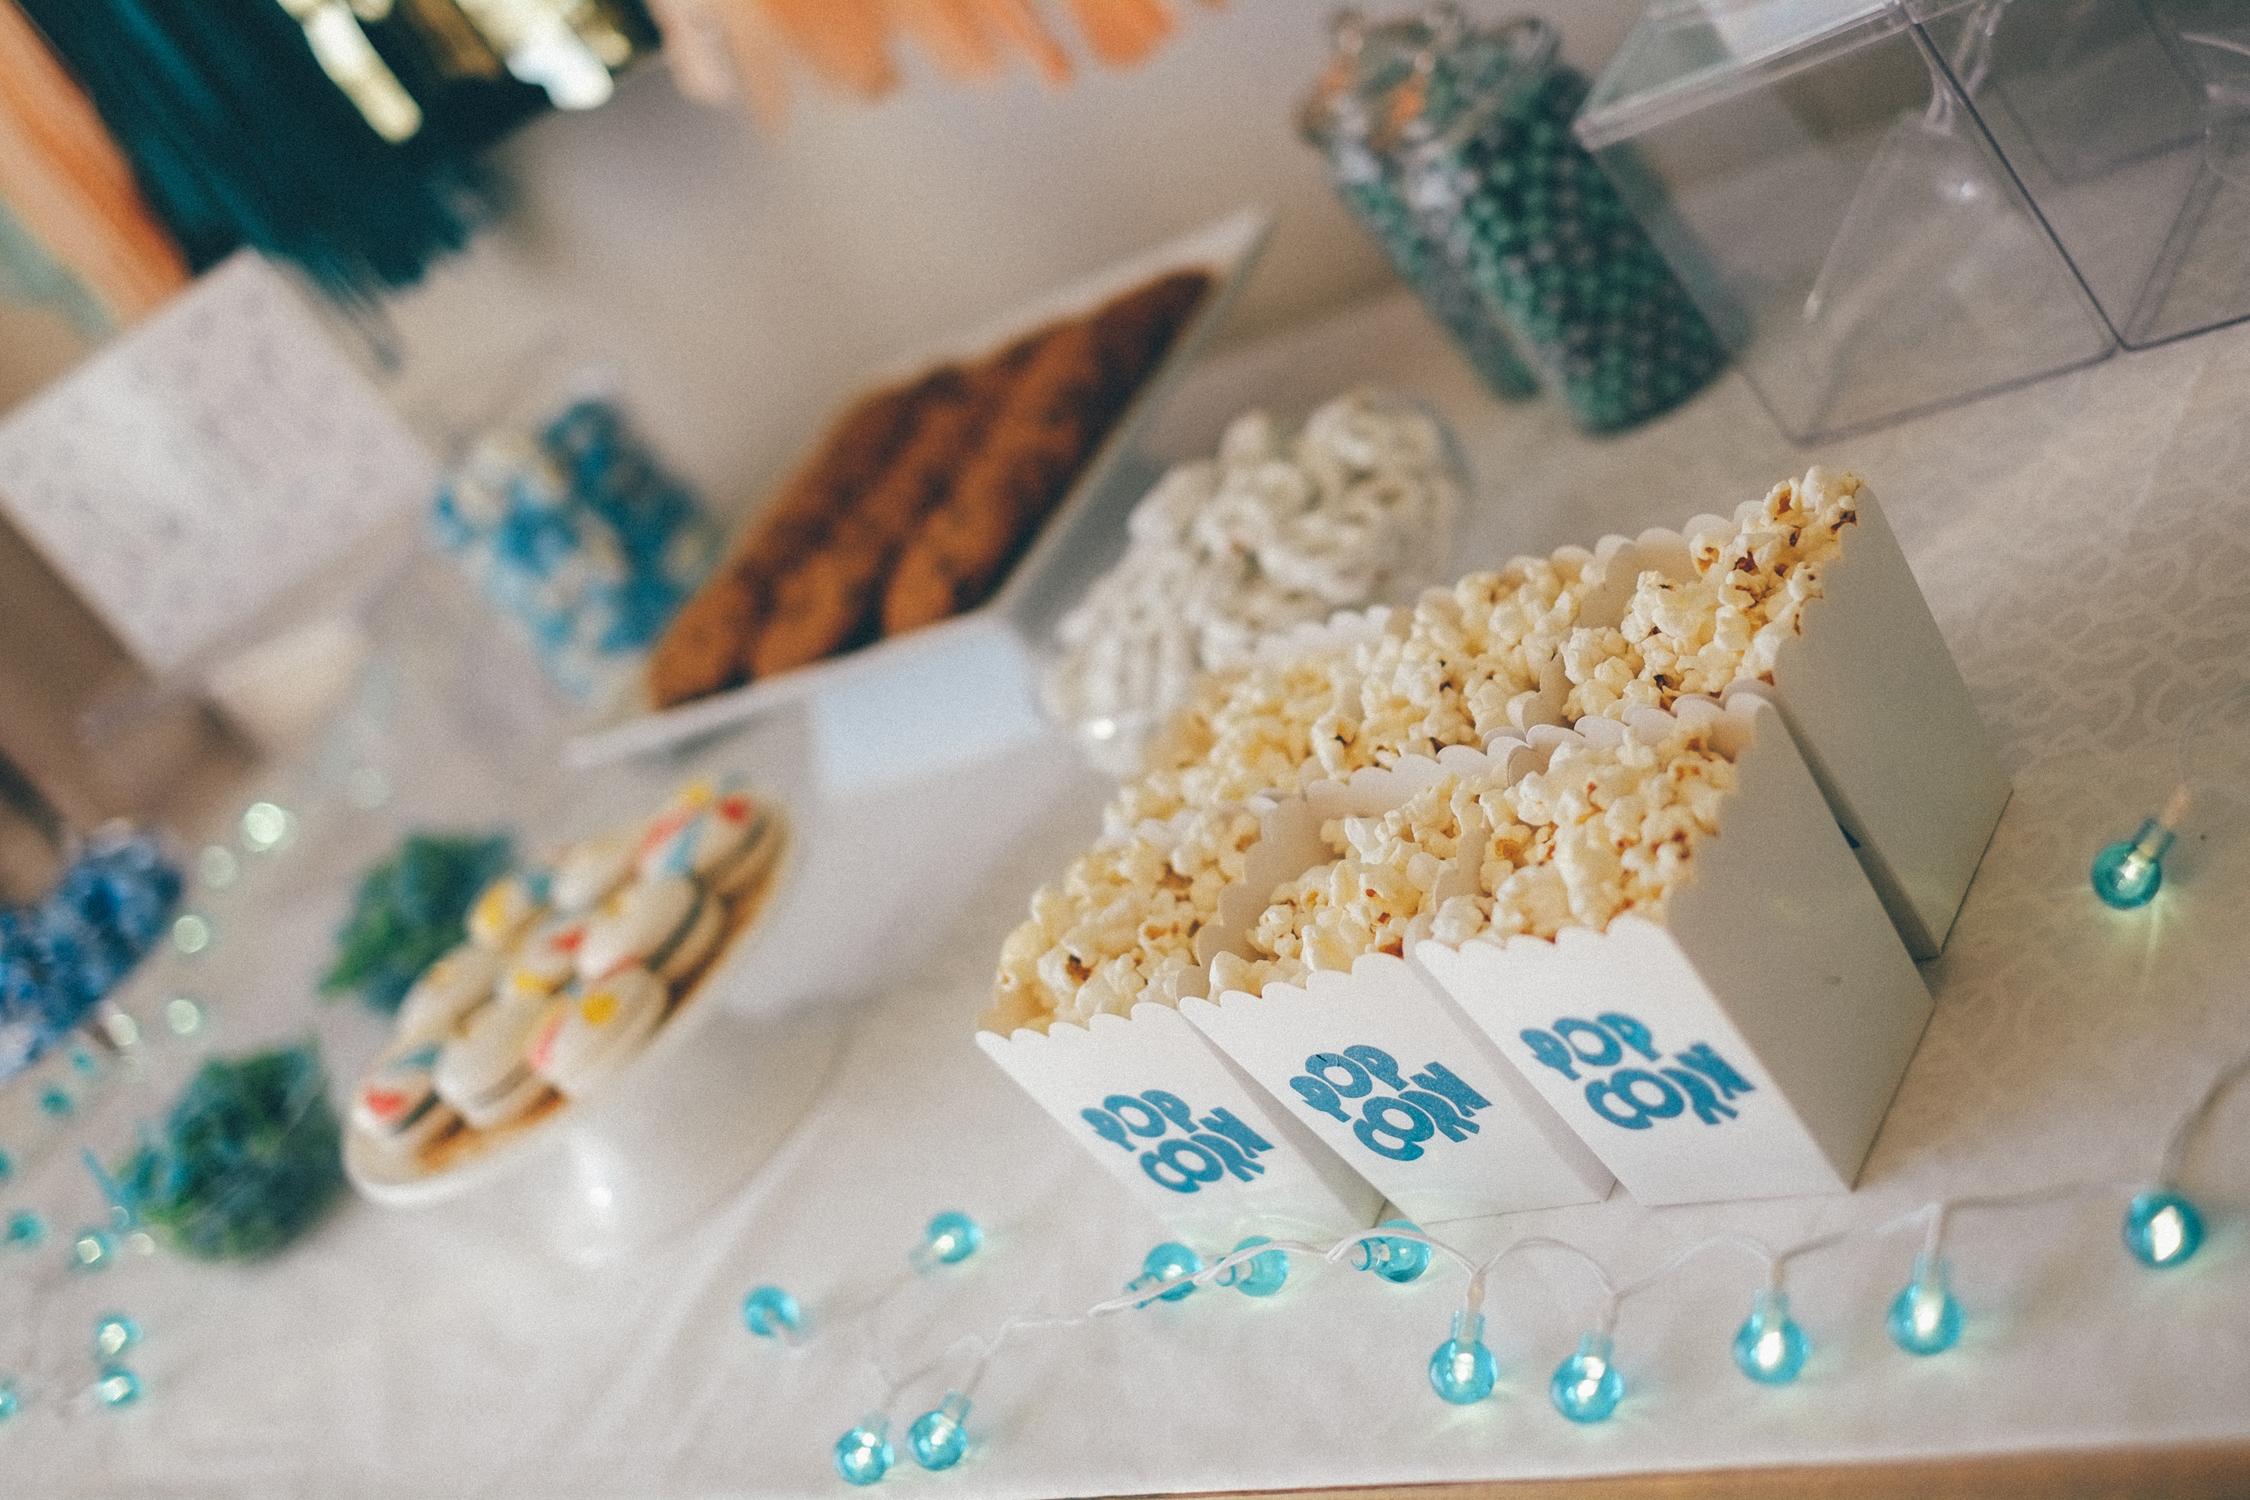 tarynco-sleepover-party-movienight-snacks.jpg